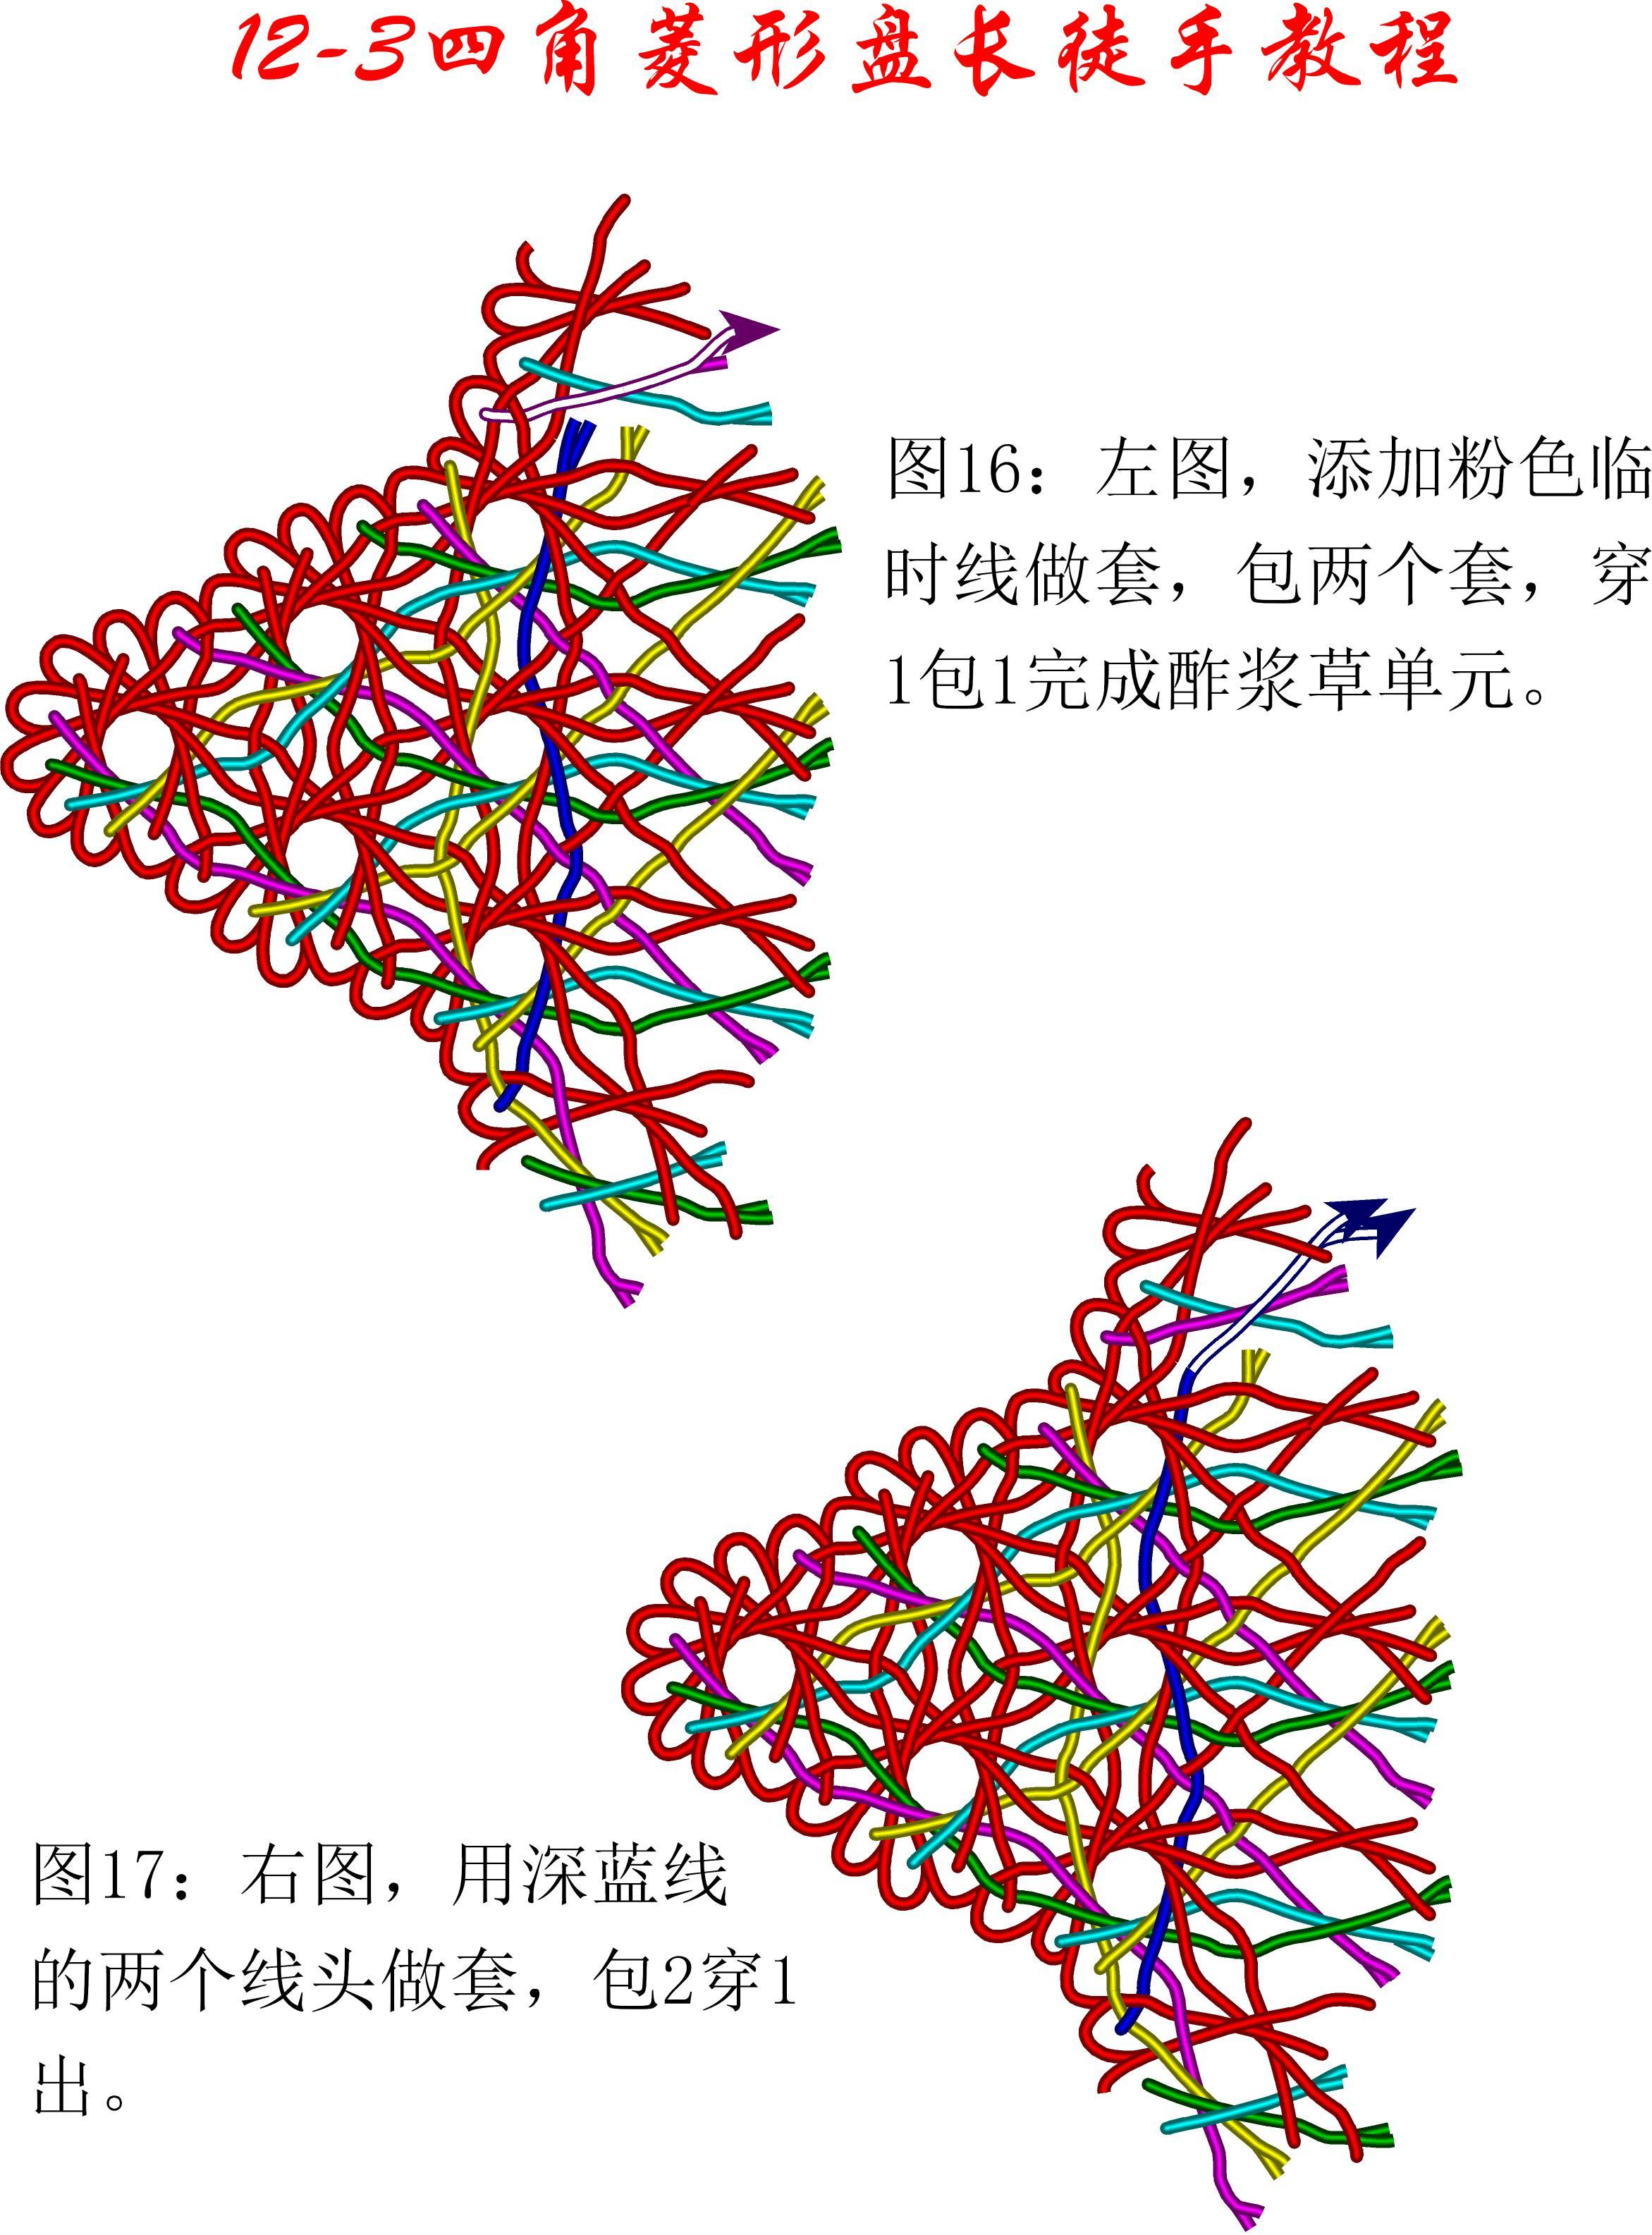 中国结论坛 12-3四角菱形盘长徒手教程 教程,菱形实心花的编织图解,长方形做菱形怎么做,长方形分菱形图解,菱形四边一样长吗 丑丑徒手编结 133836bnjljffftee1mnff